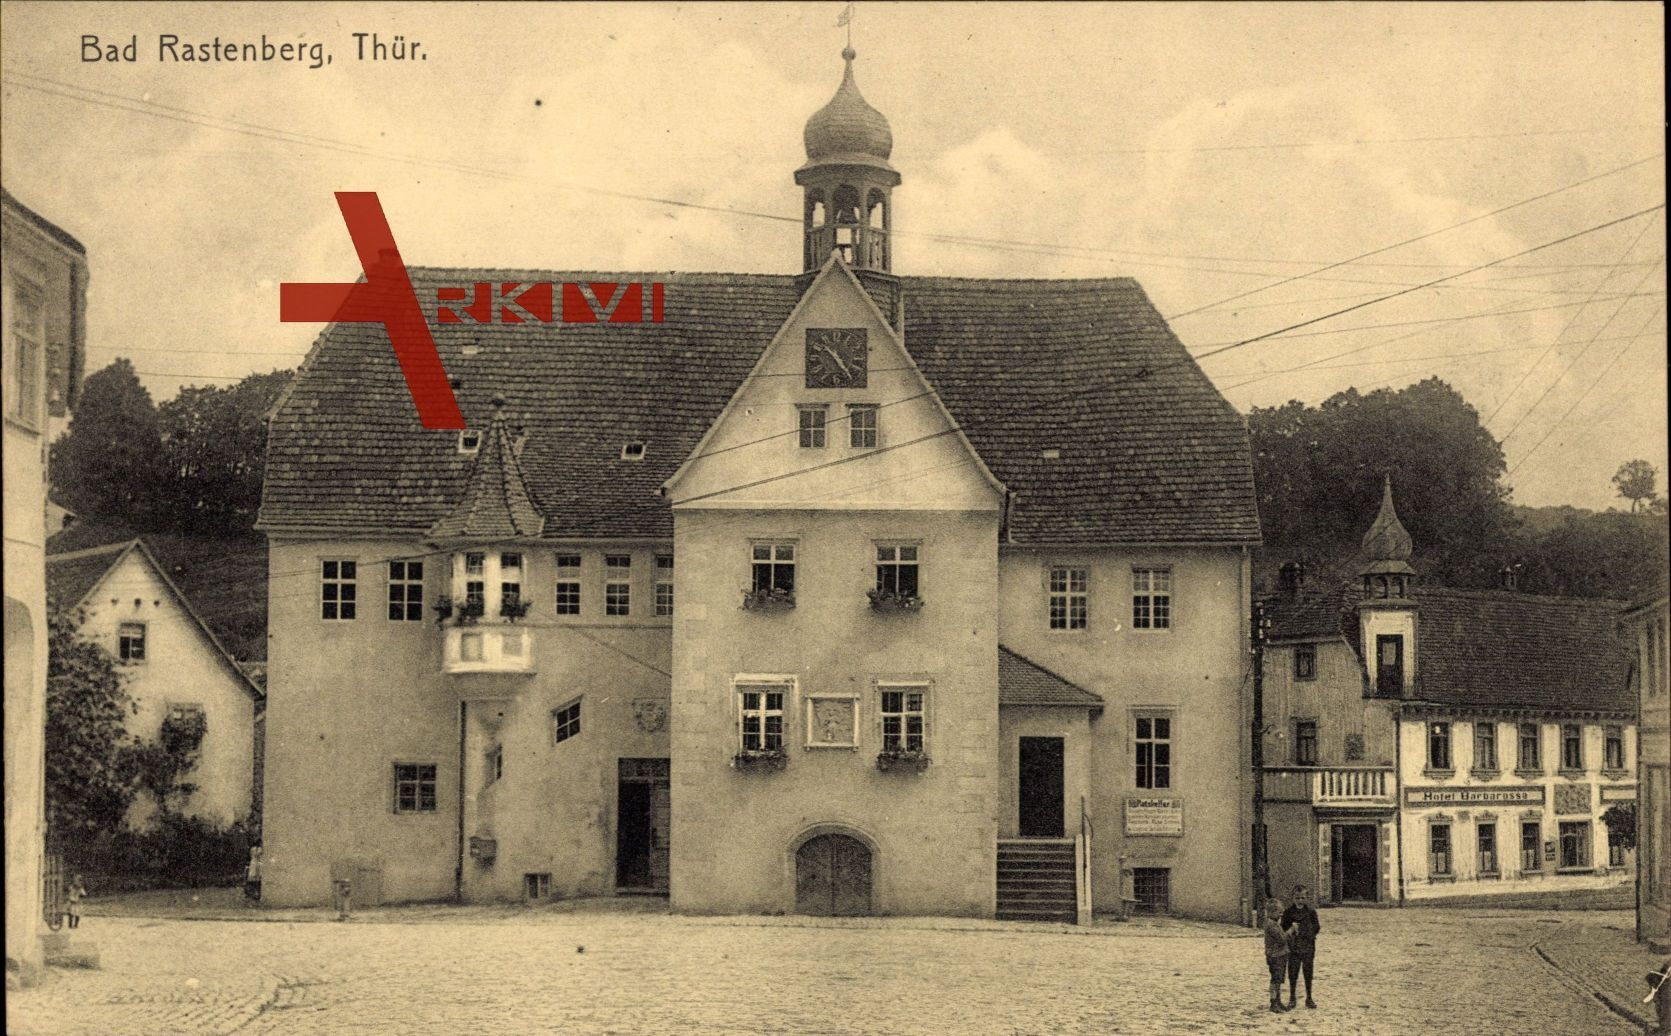 Rastenberg Thüringen, Partie am Markt, Hotel Barbarossa